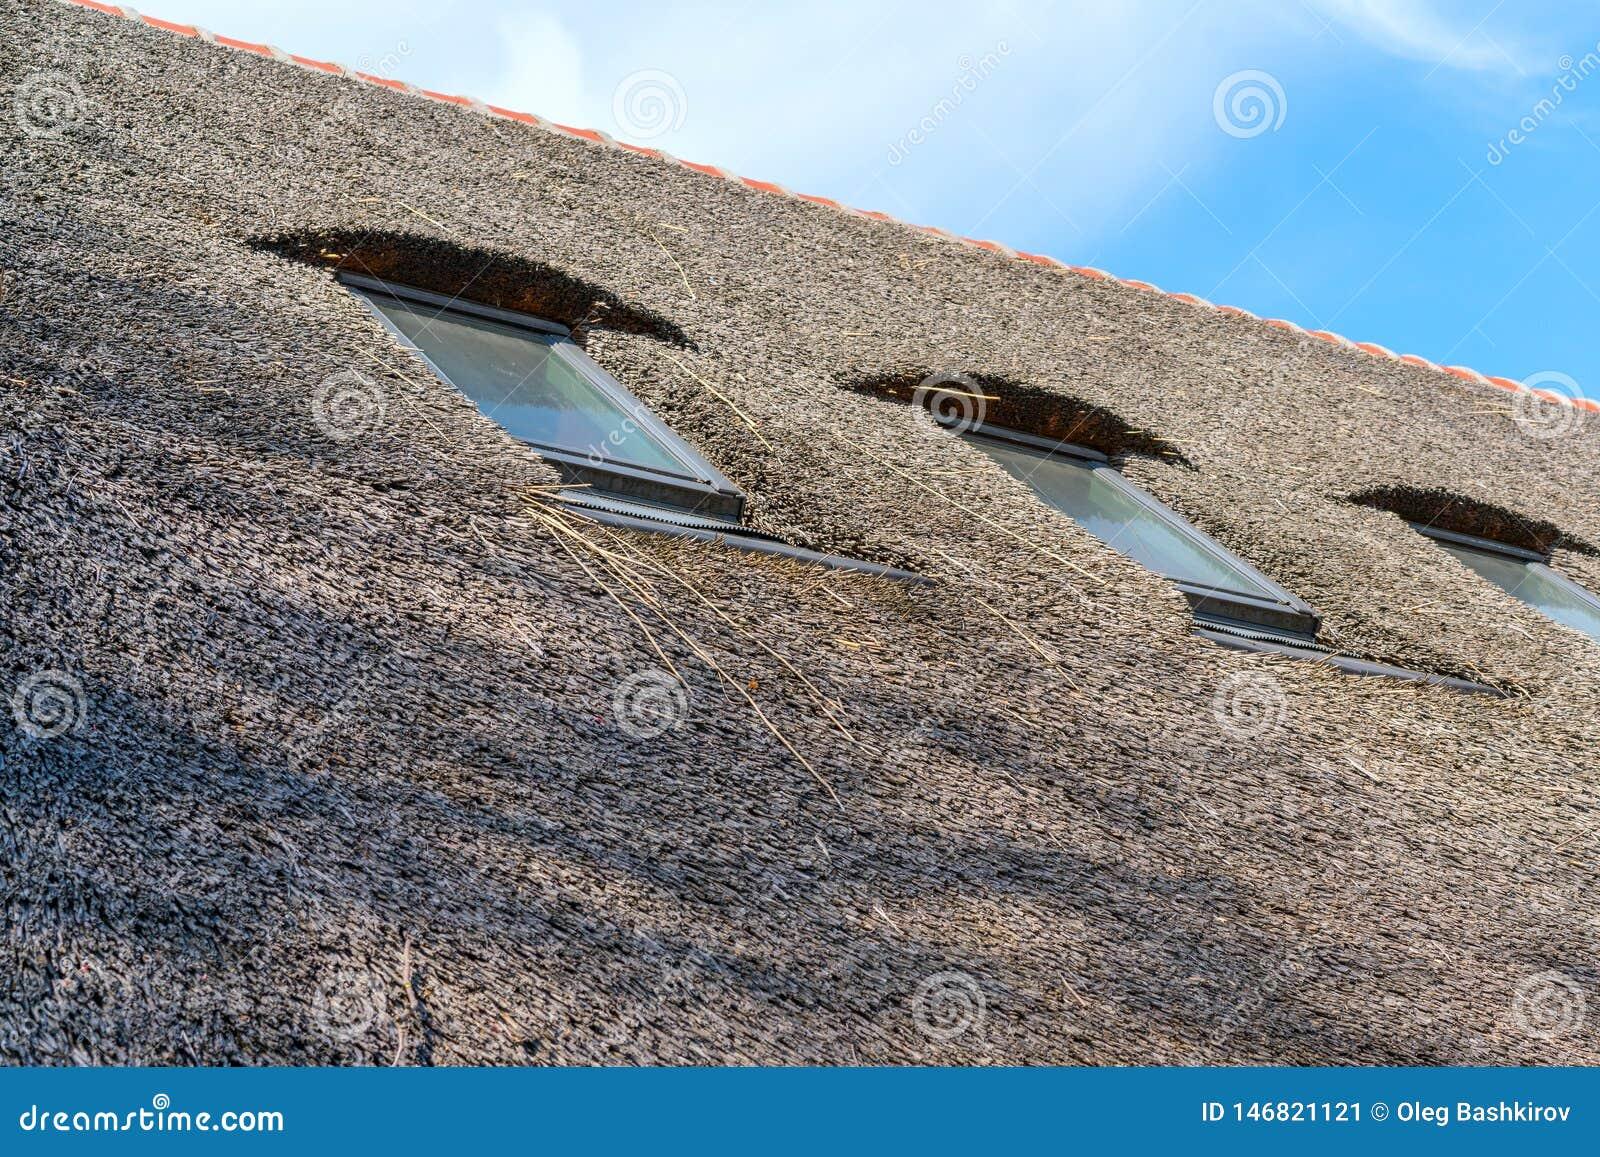 Płocha dach dom w antycznej wiosce Tradycyjny pokrywający strzechą dach od płochy, słoneczny dzień Dach robić naturalne płochy